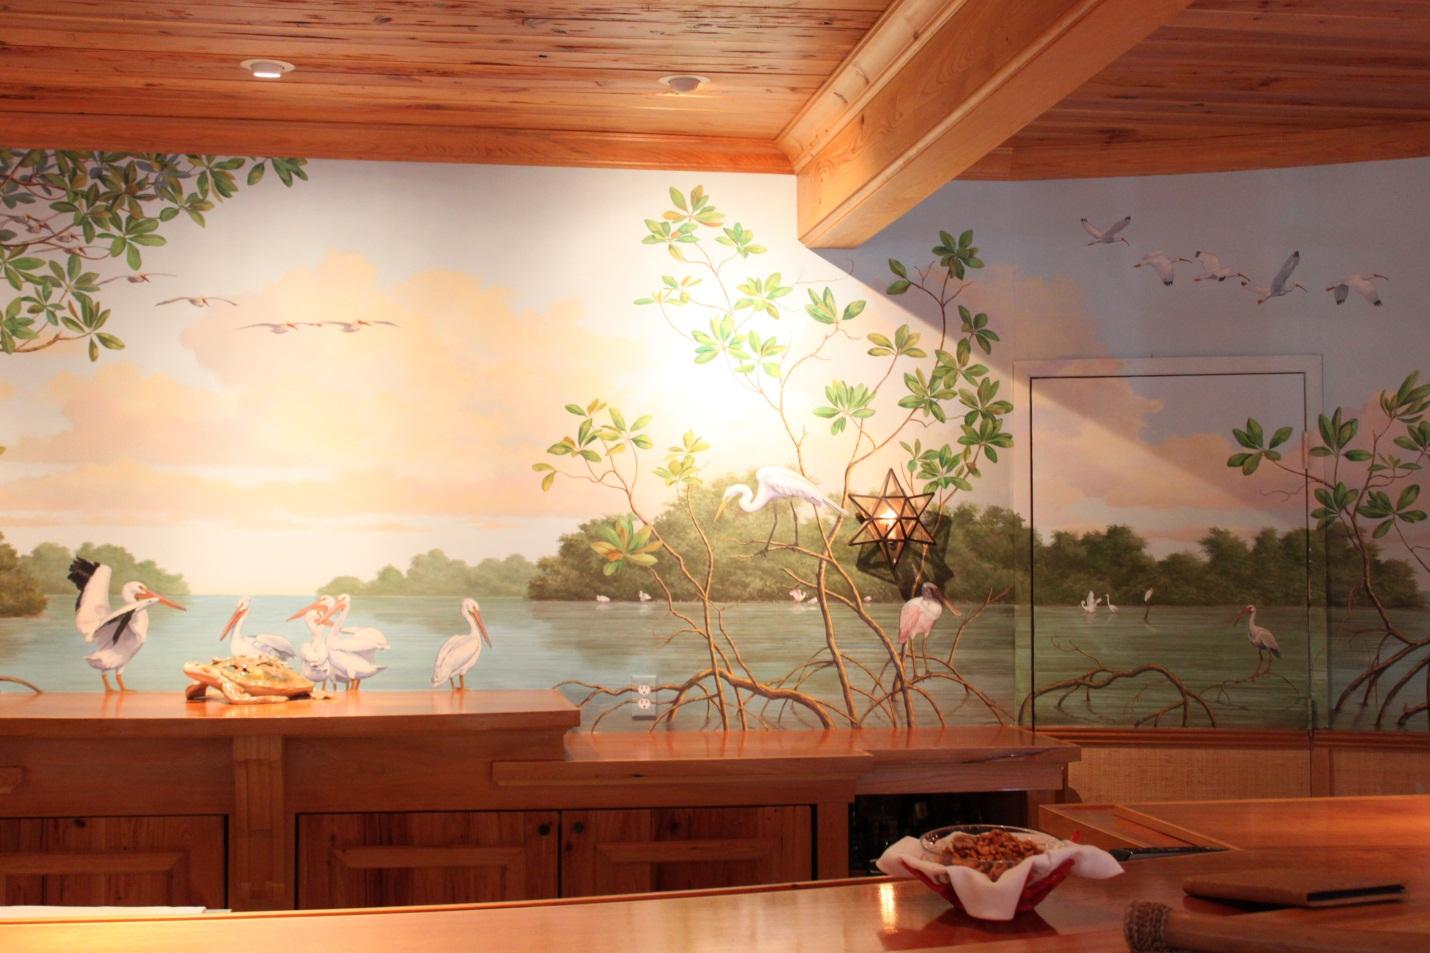 http://2.bp.blogspot.com/-YsdLRSOe0_0/UPt0SOqKPdI/AAAAAAAAAyc/LLcLz7bgi8s/s1600/Boca+Grande+mural+Jan+Wilhelm+Gasparilla+Inn+2.jpg